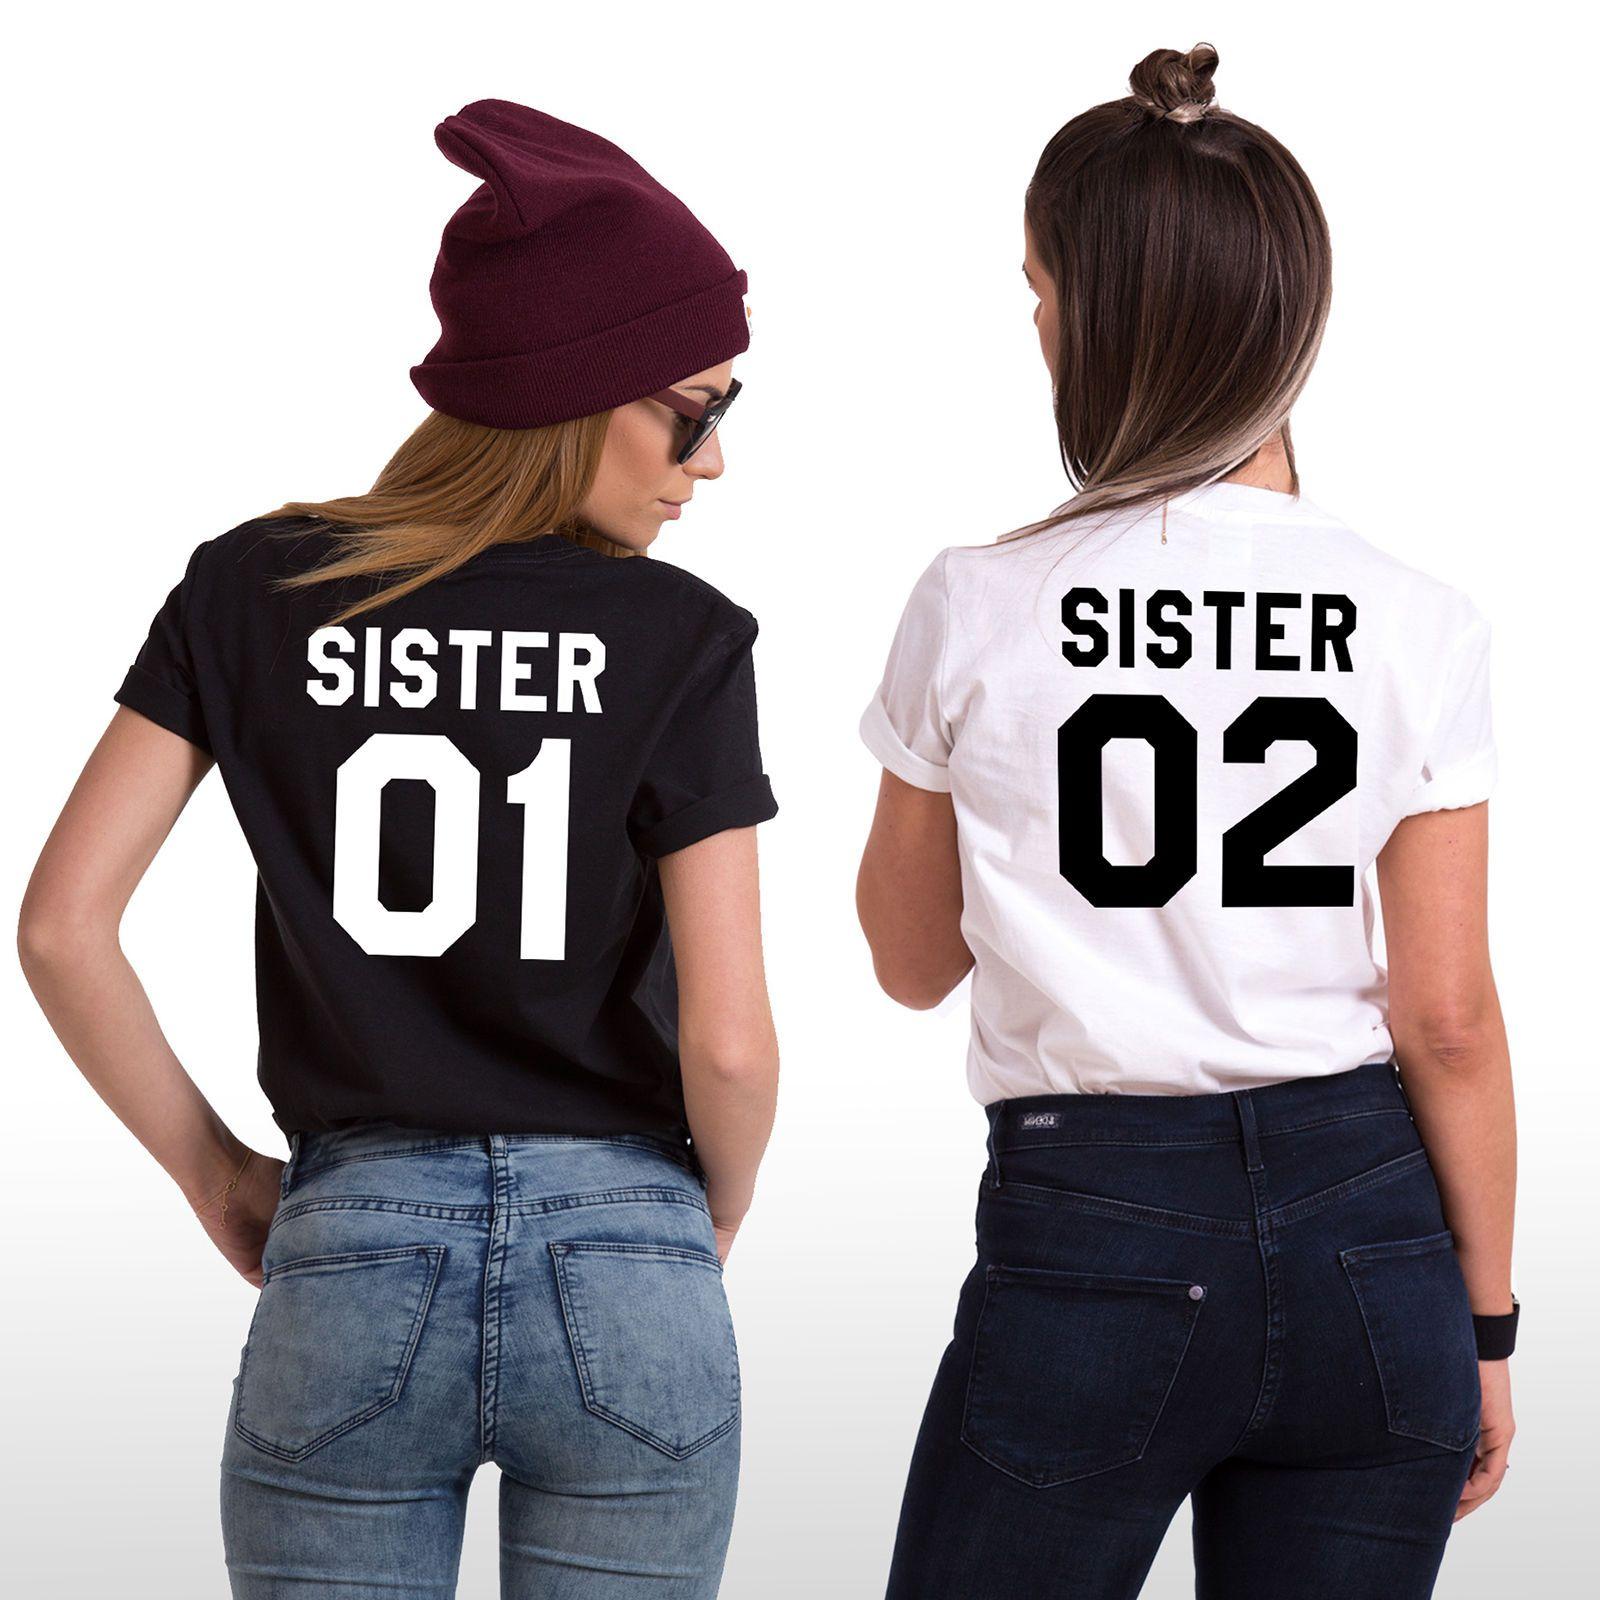 Sisters Shirts Sister 01 Sister 02 Matching Siblings T Shirts Family Tees Best Friend T Shirts Bff Shirts Funny Sibling Shirts